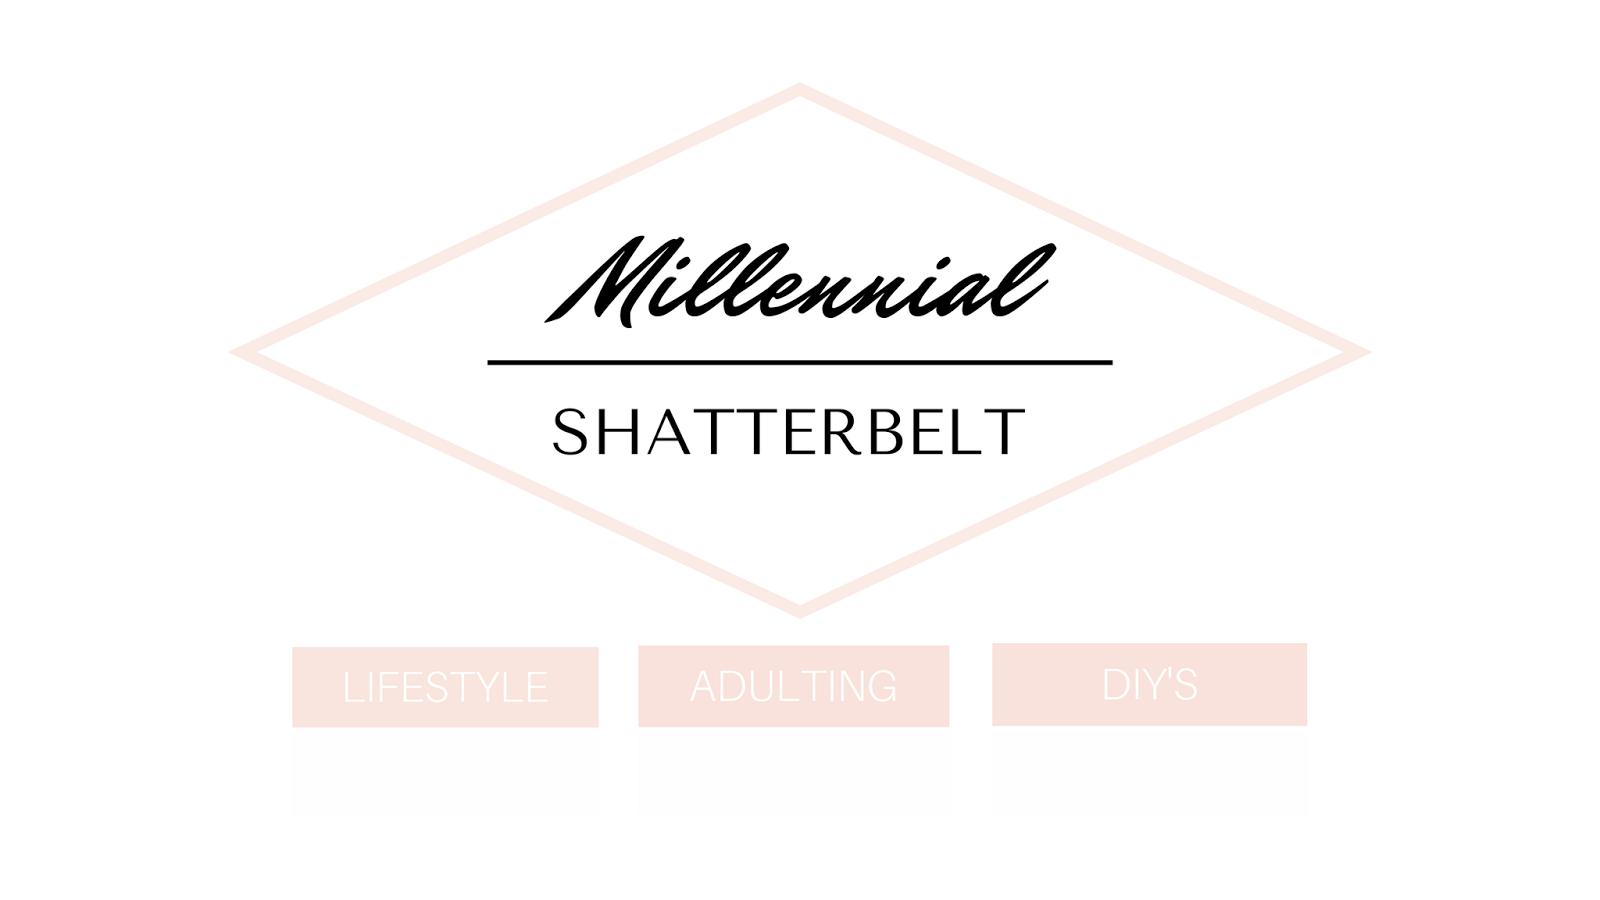 Milllennial Shatterbelt